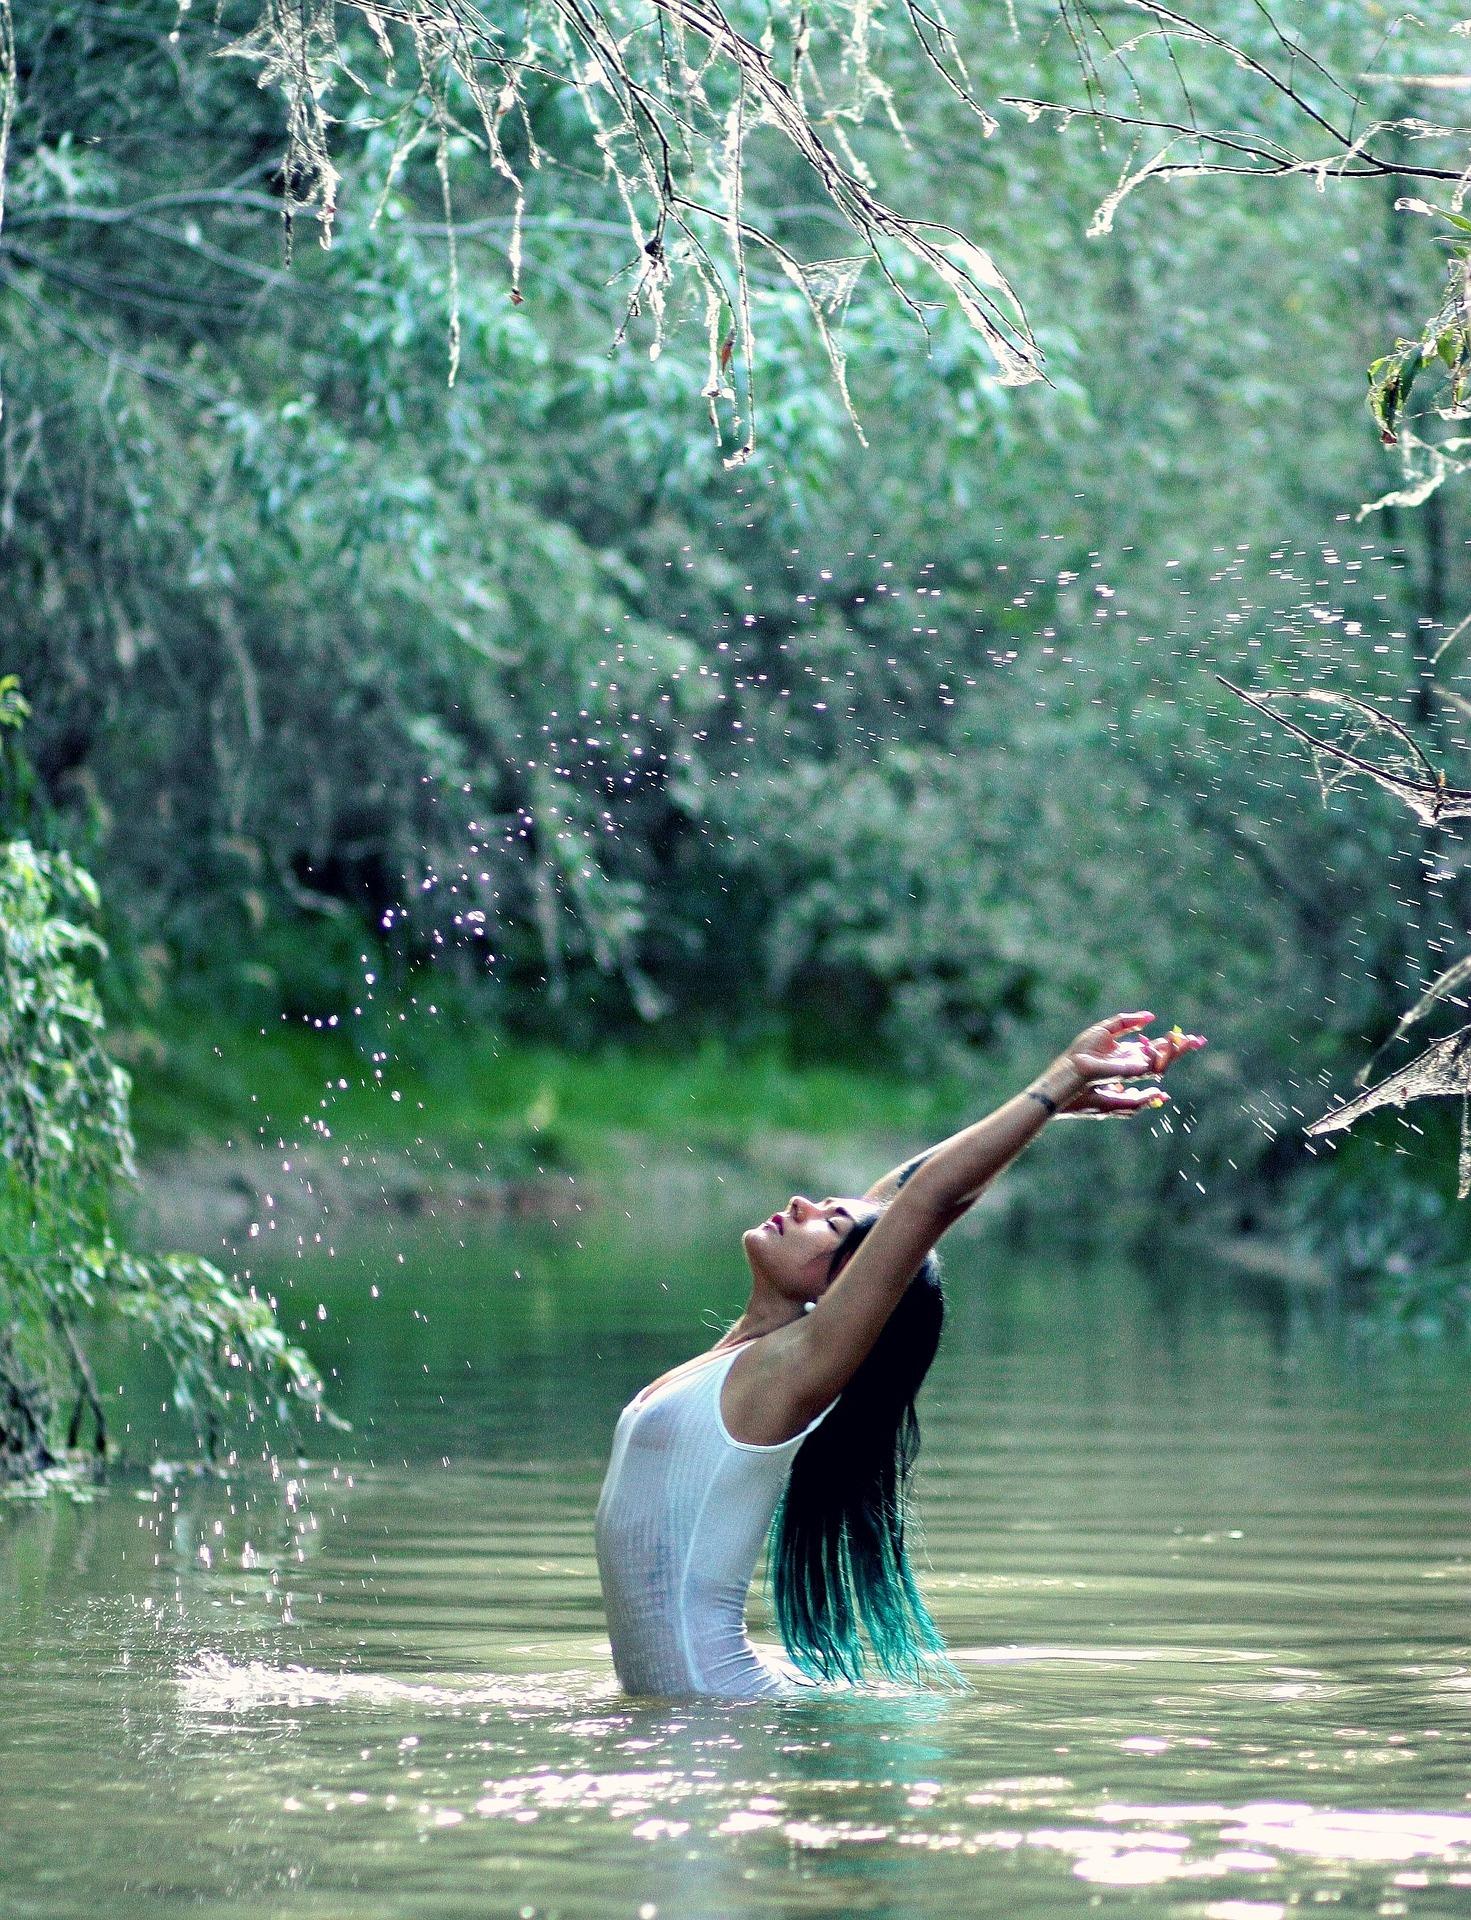 Фото Девушка поднимает тучу брызг, купаясь в лесной речушке, на фоне зеленой листвы